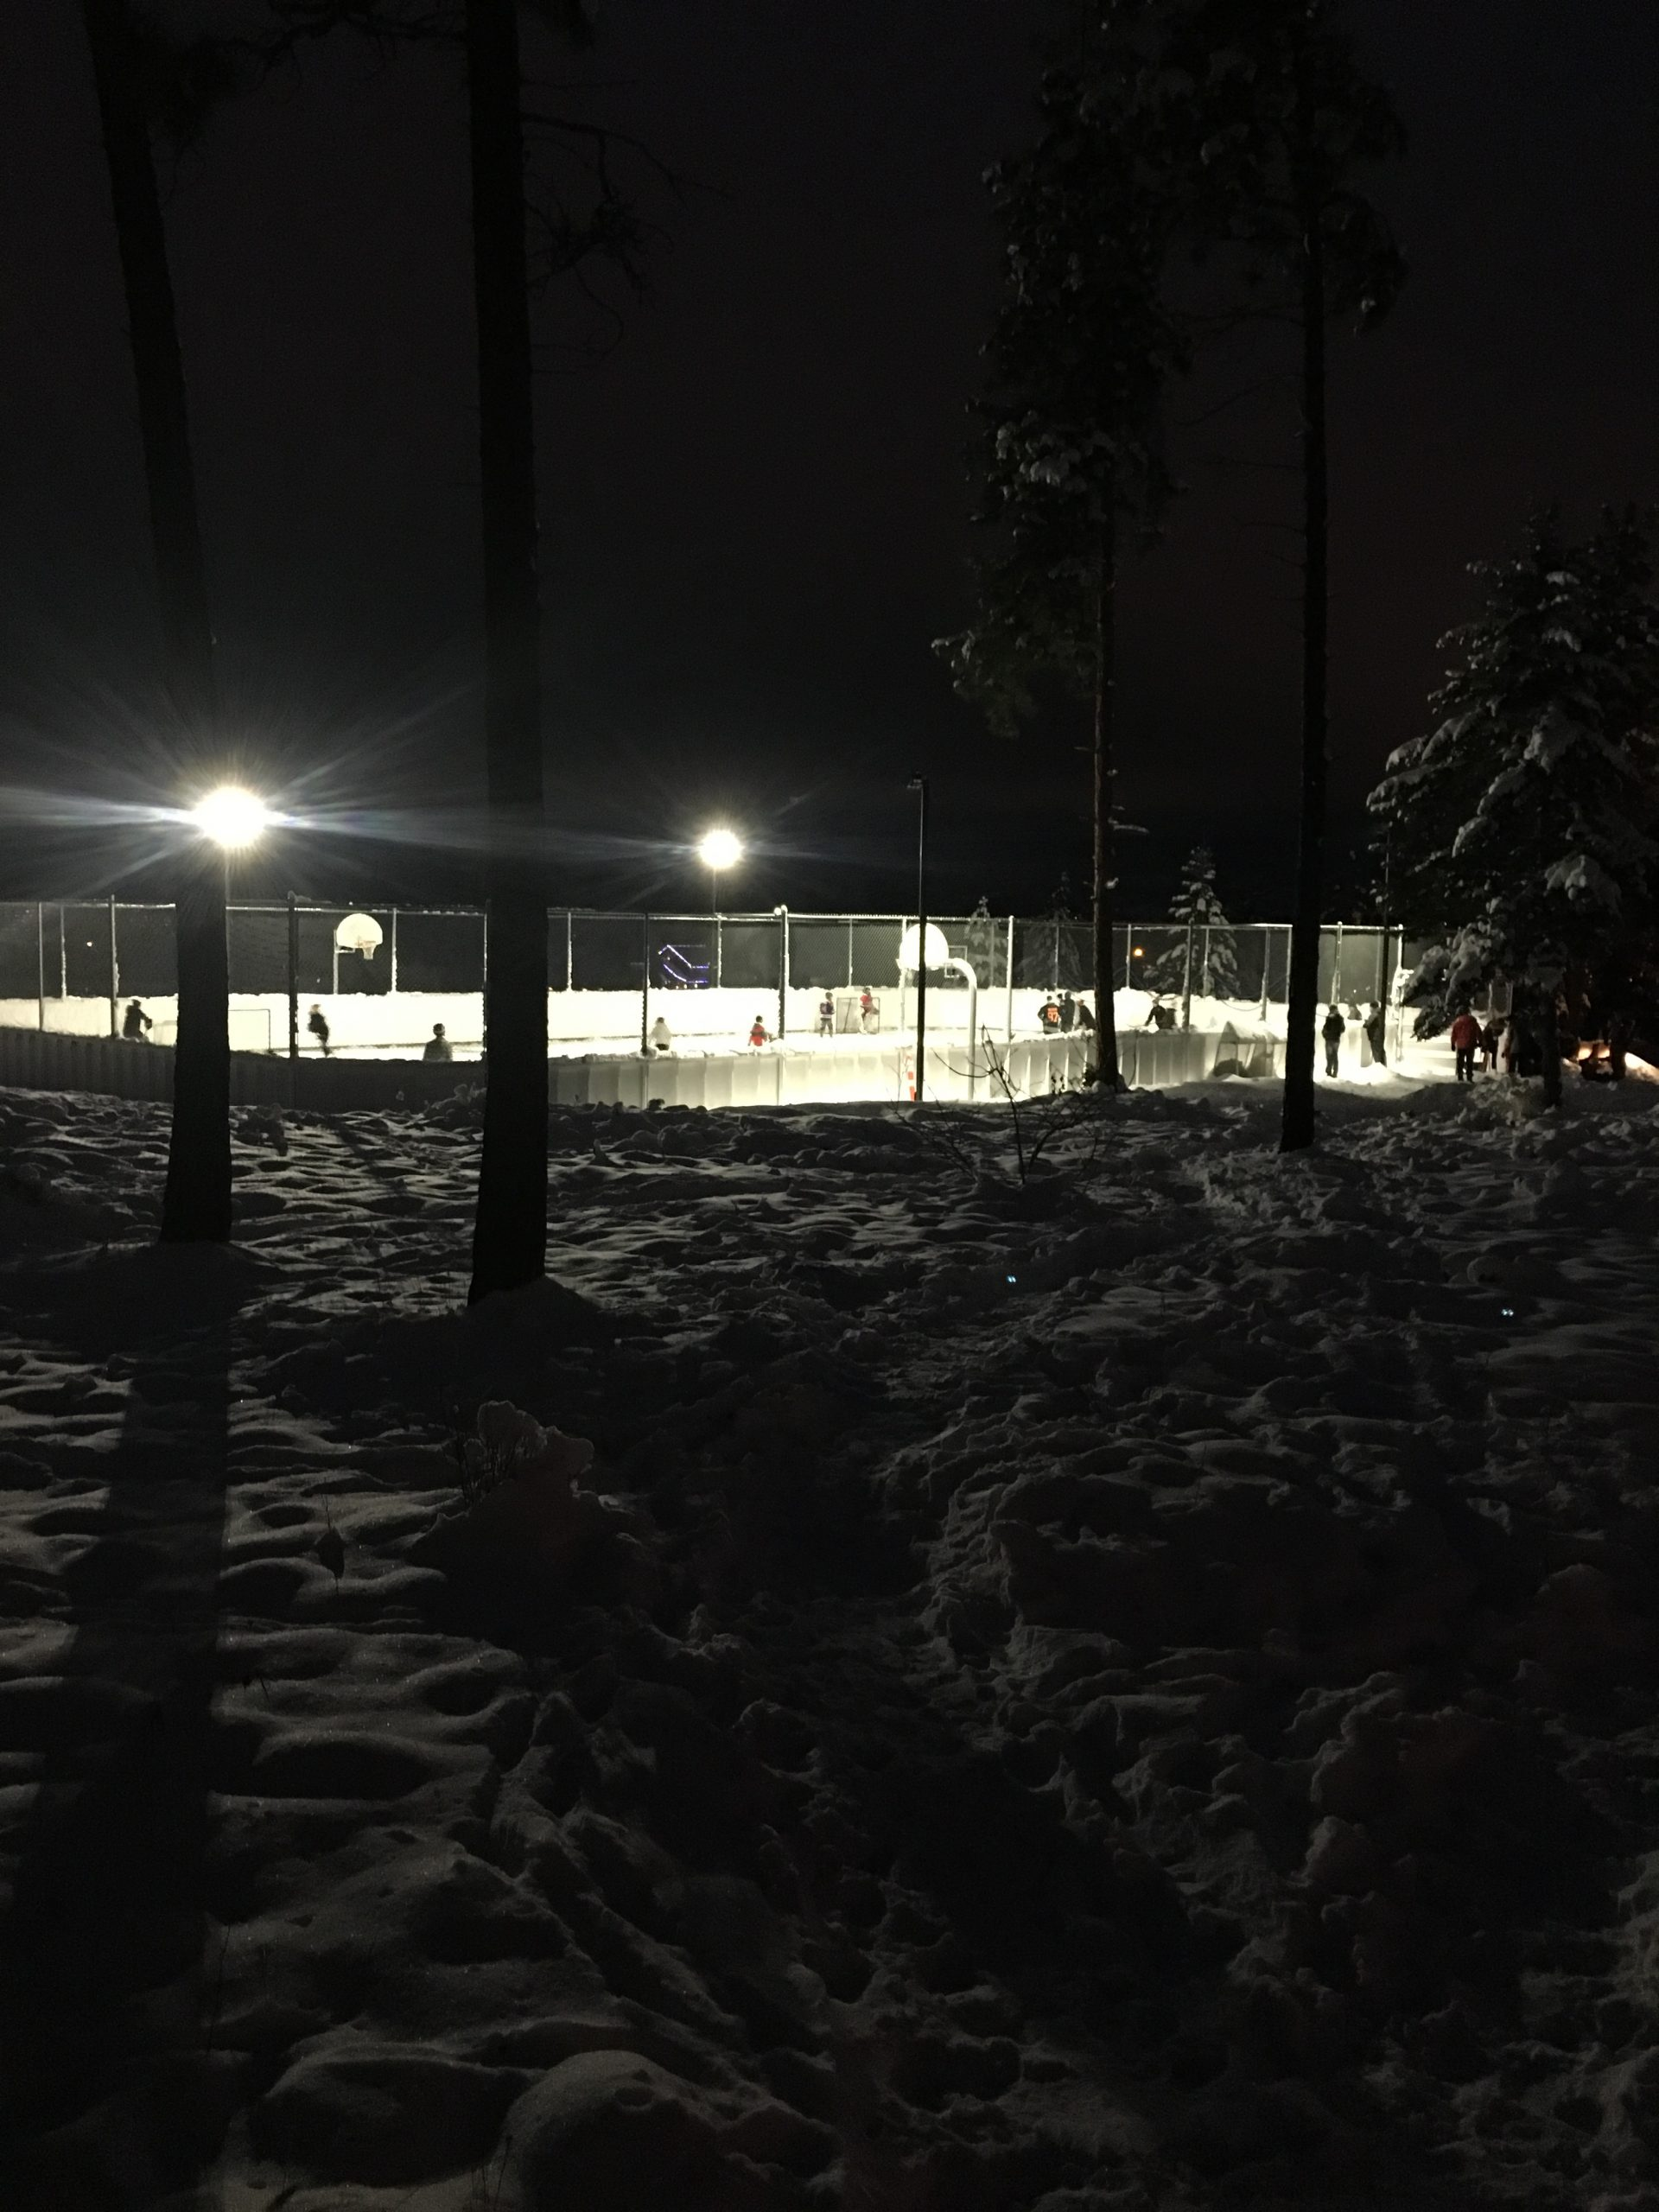 Skating anyone?